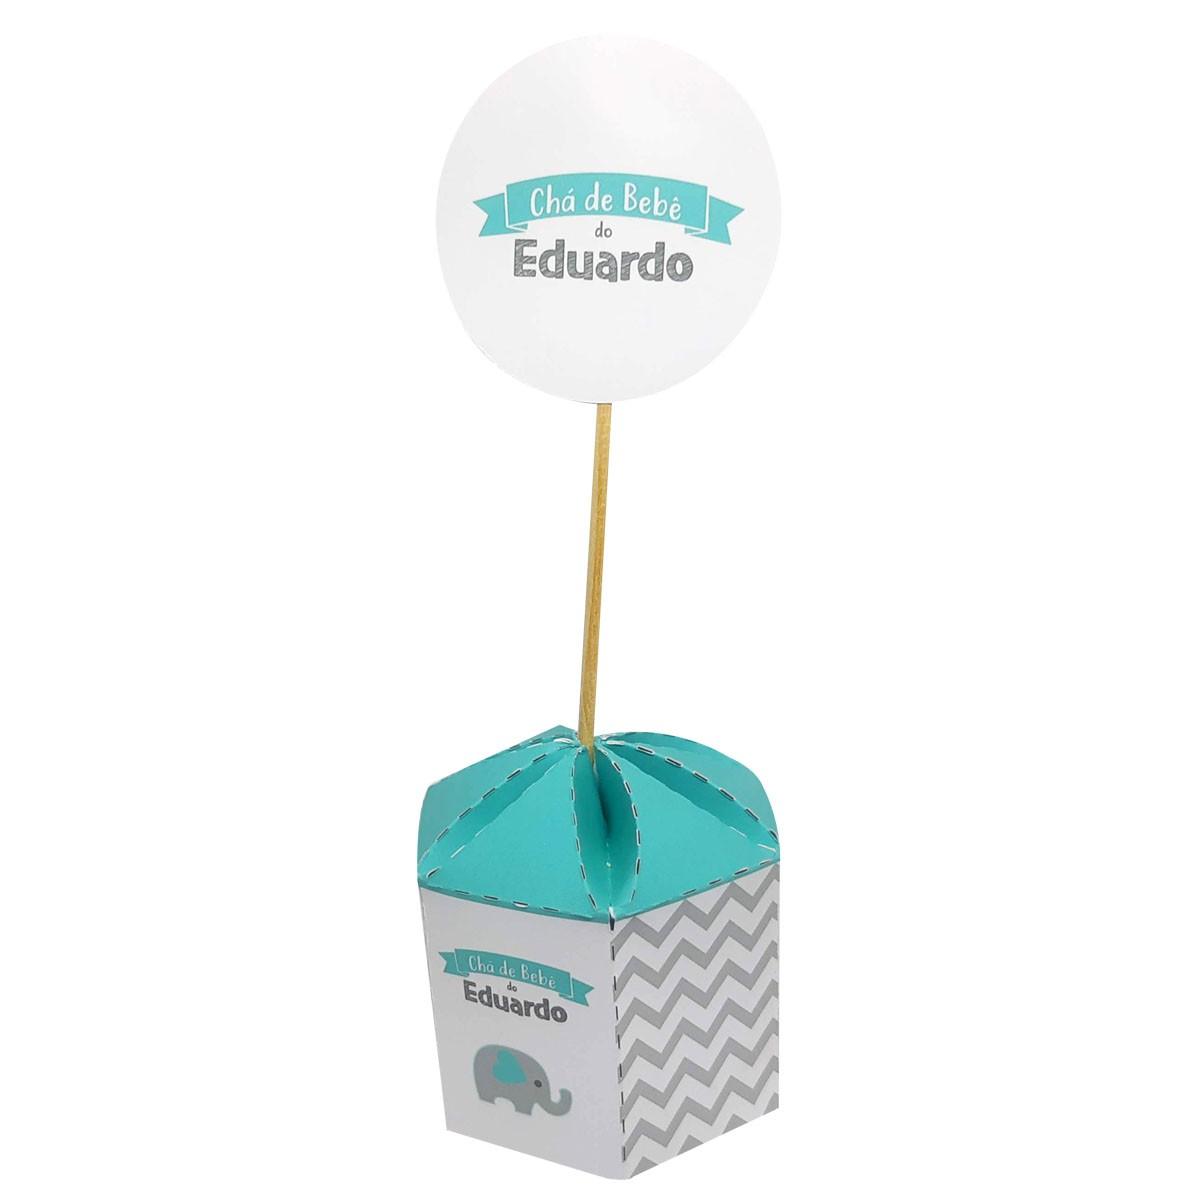 10x Caixa Sextavada Personalizada com Totem - Pacote com 10 unidades